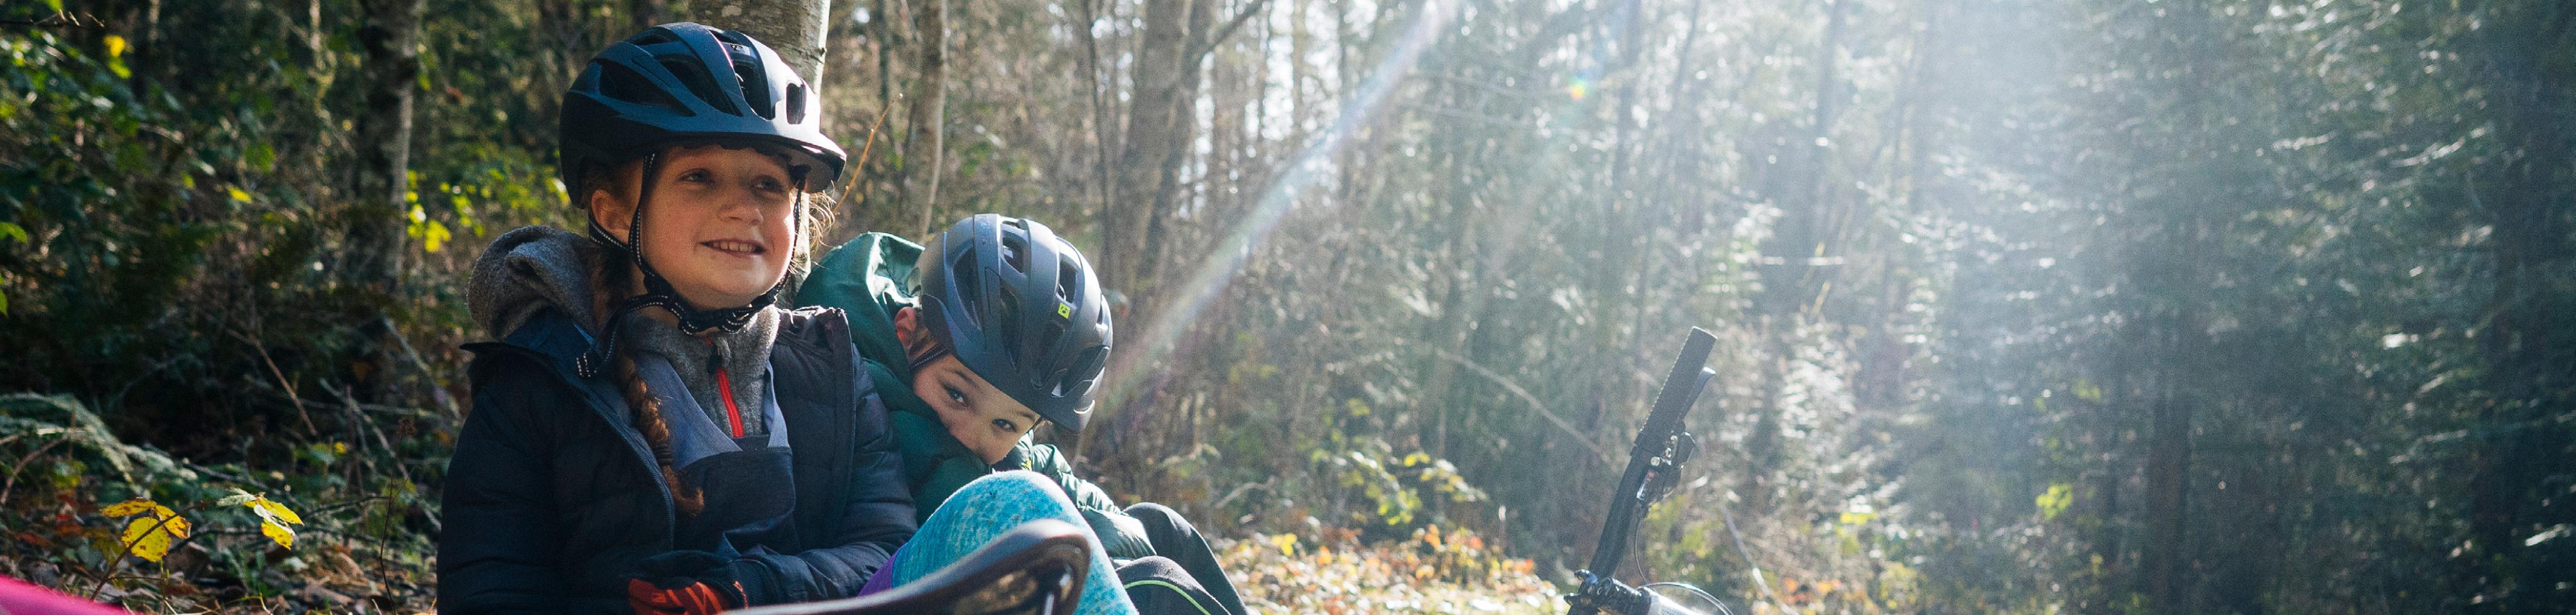 Kinderen met de fiets in het bos